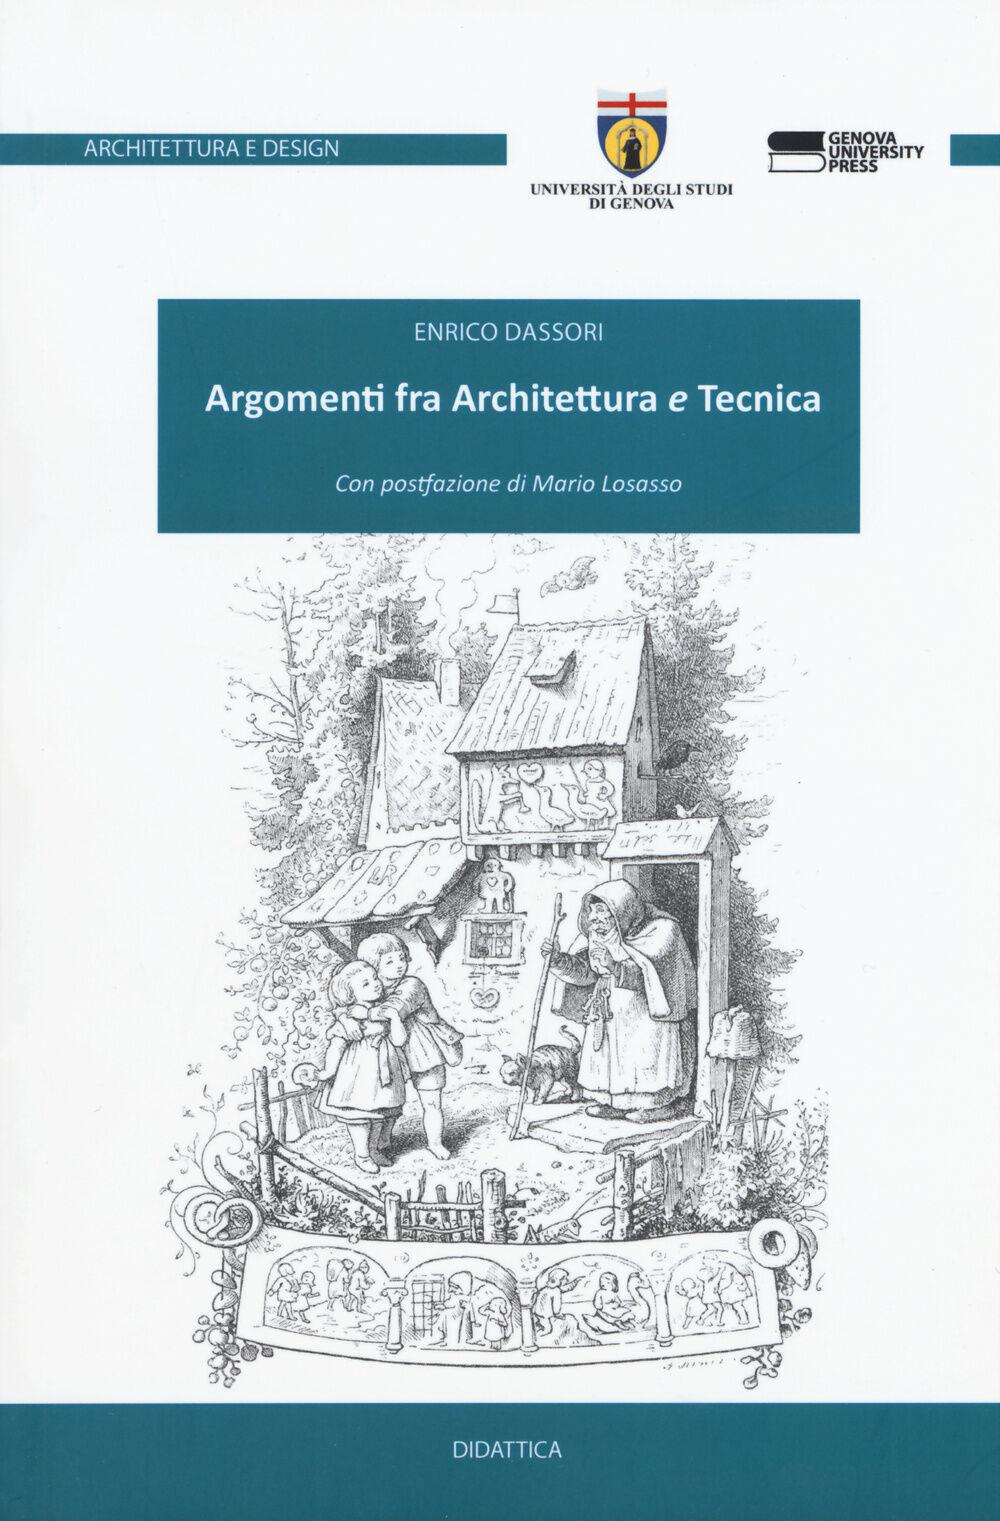 Argomenti fra architettura e tecnica